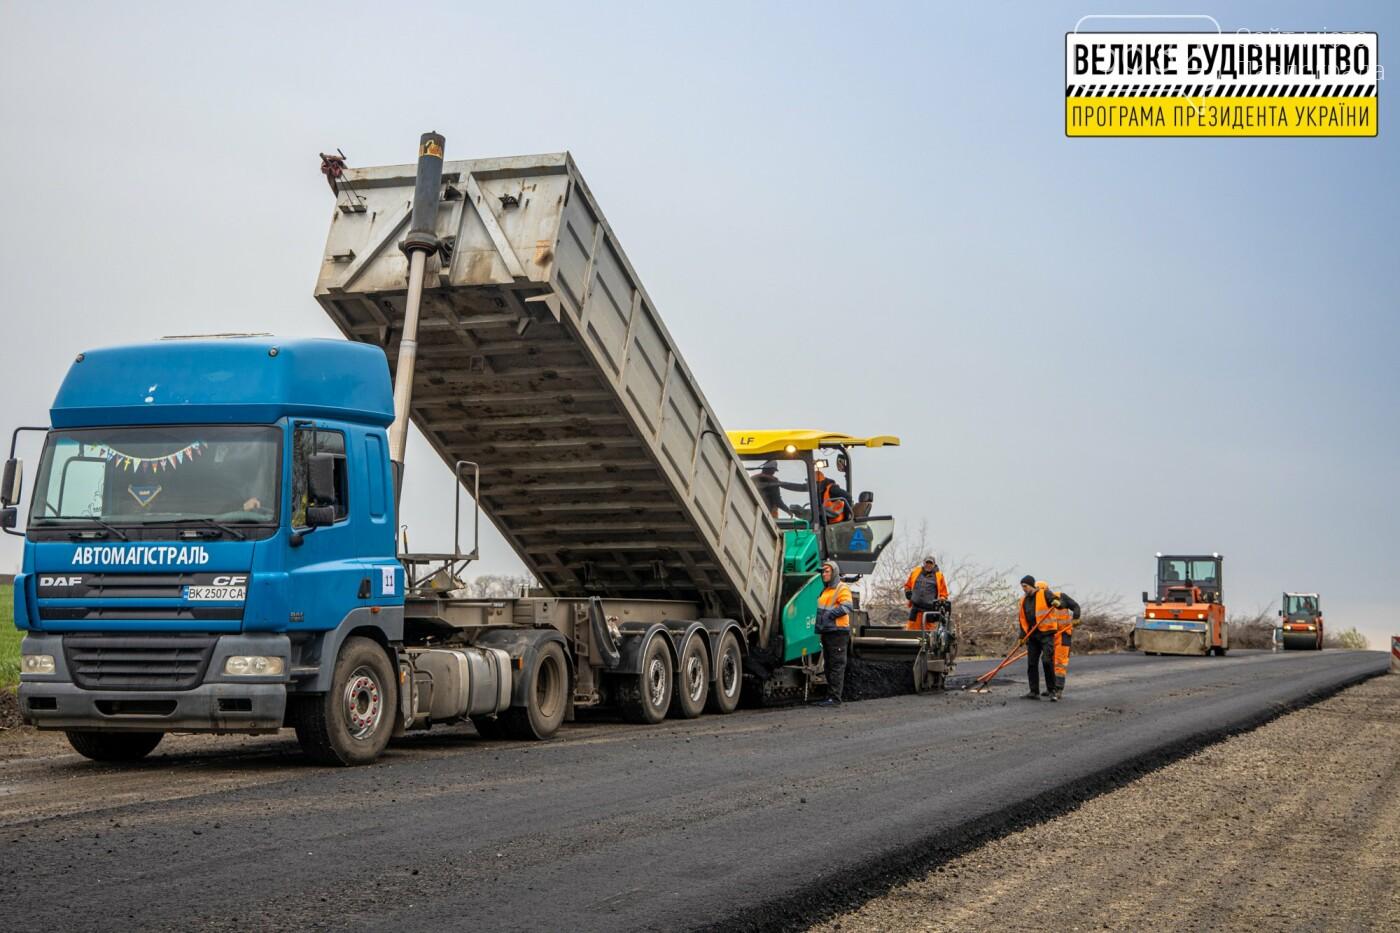 Работают и днем, и ночью: на Днепропетровщине ремонтируют трассу Знаменка-Луганск-Изварино (ФОТО), фото-3